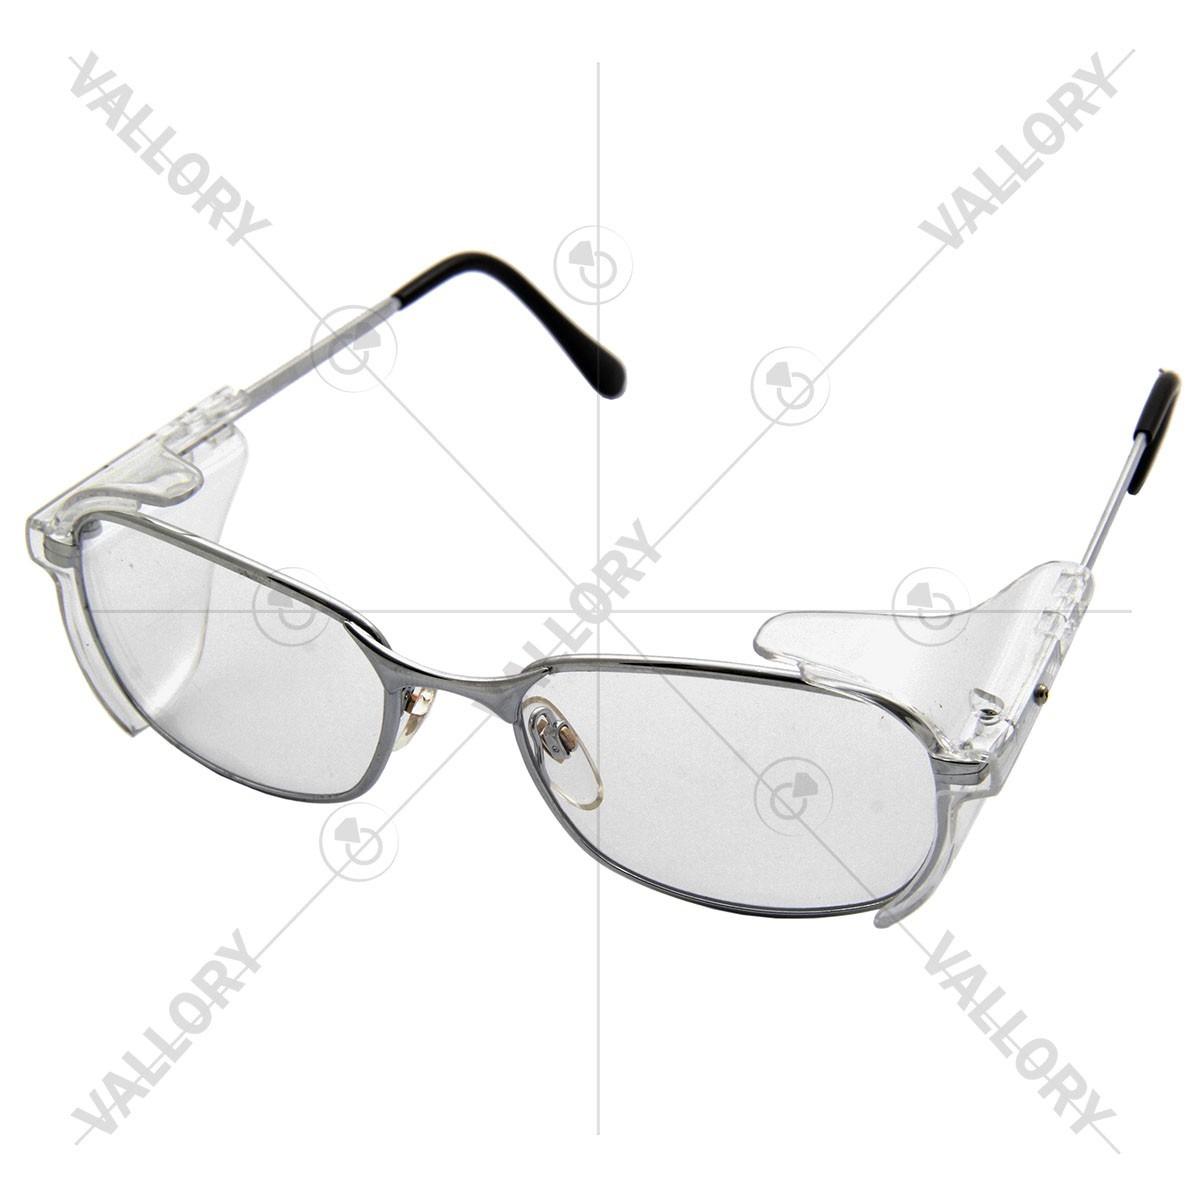 d470c3032e2cc armação oculos grau proteção seguranca do trabalho moderno. Carregando zoom.